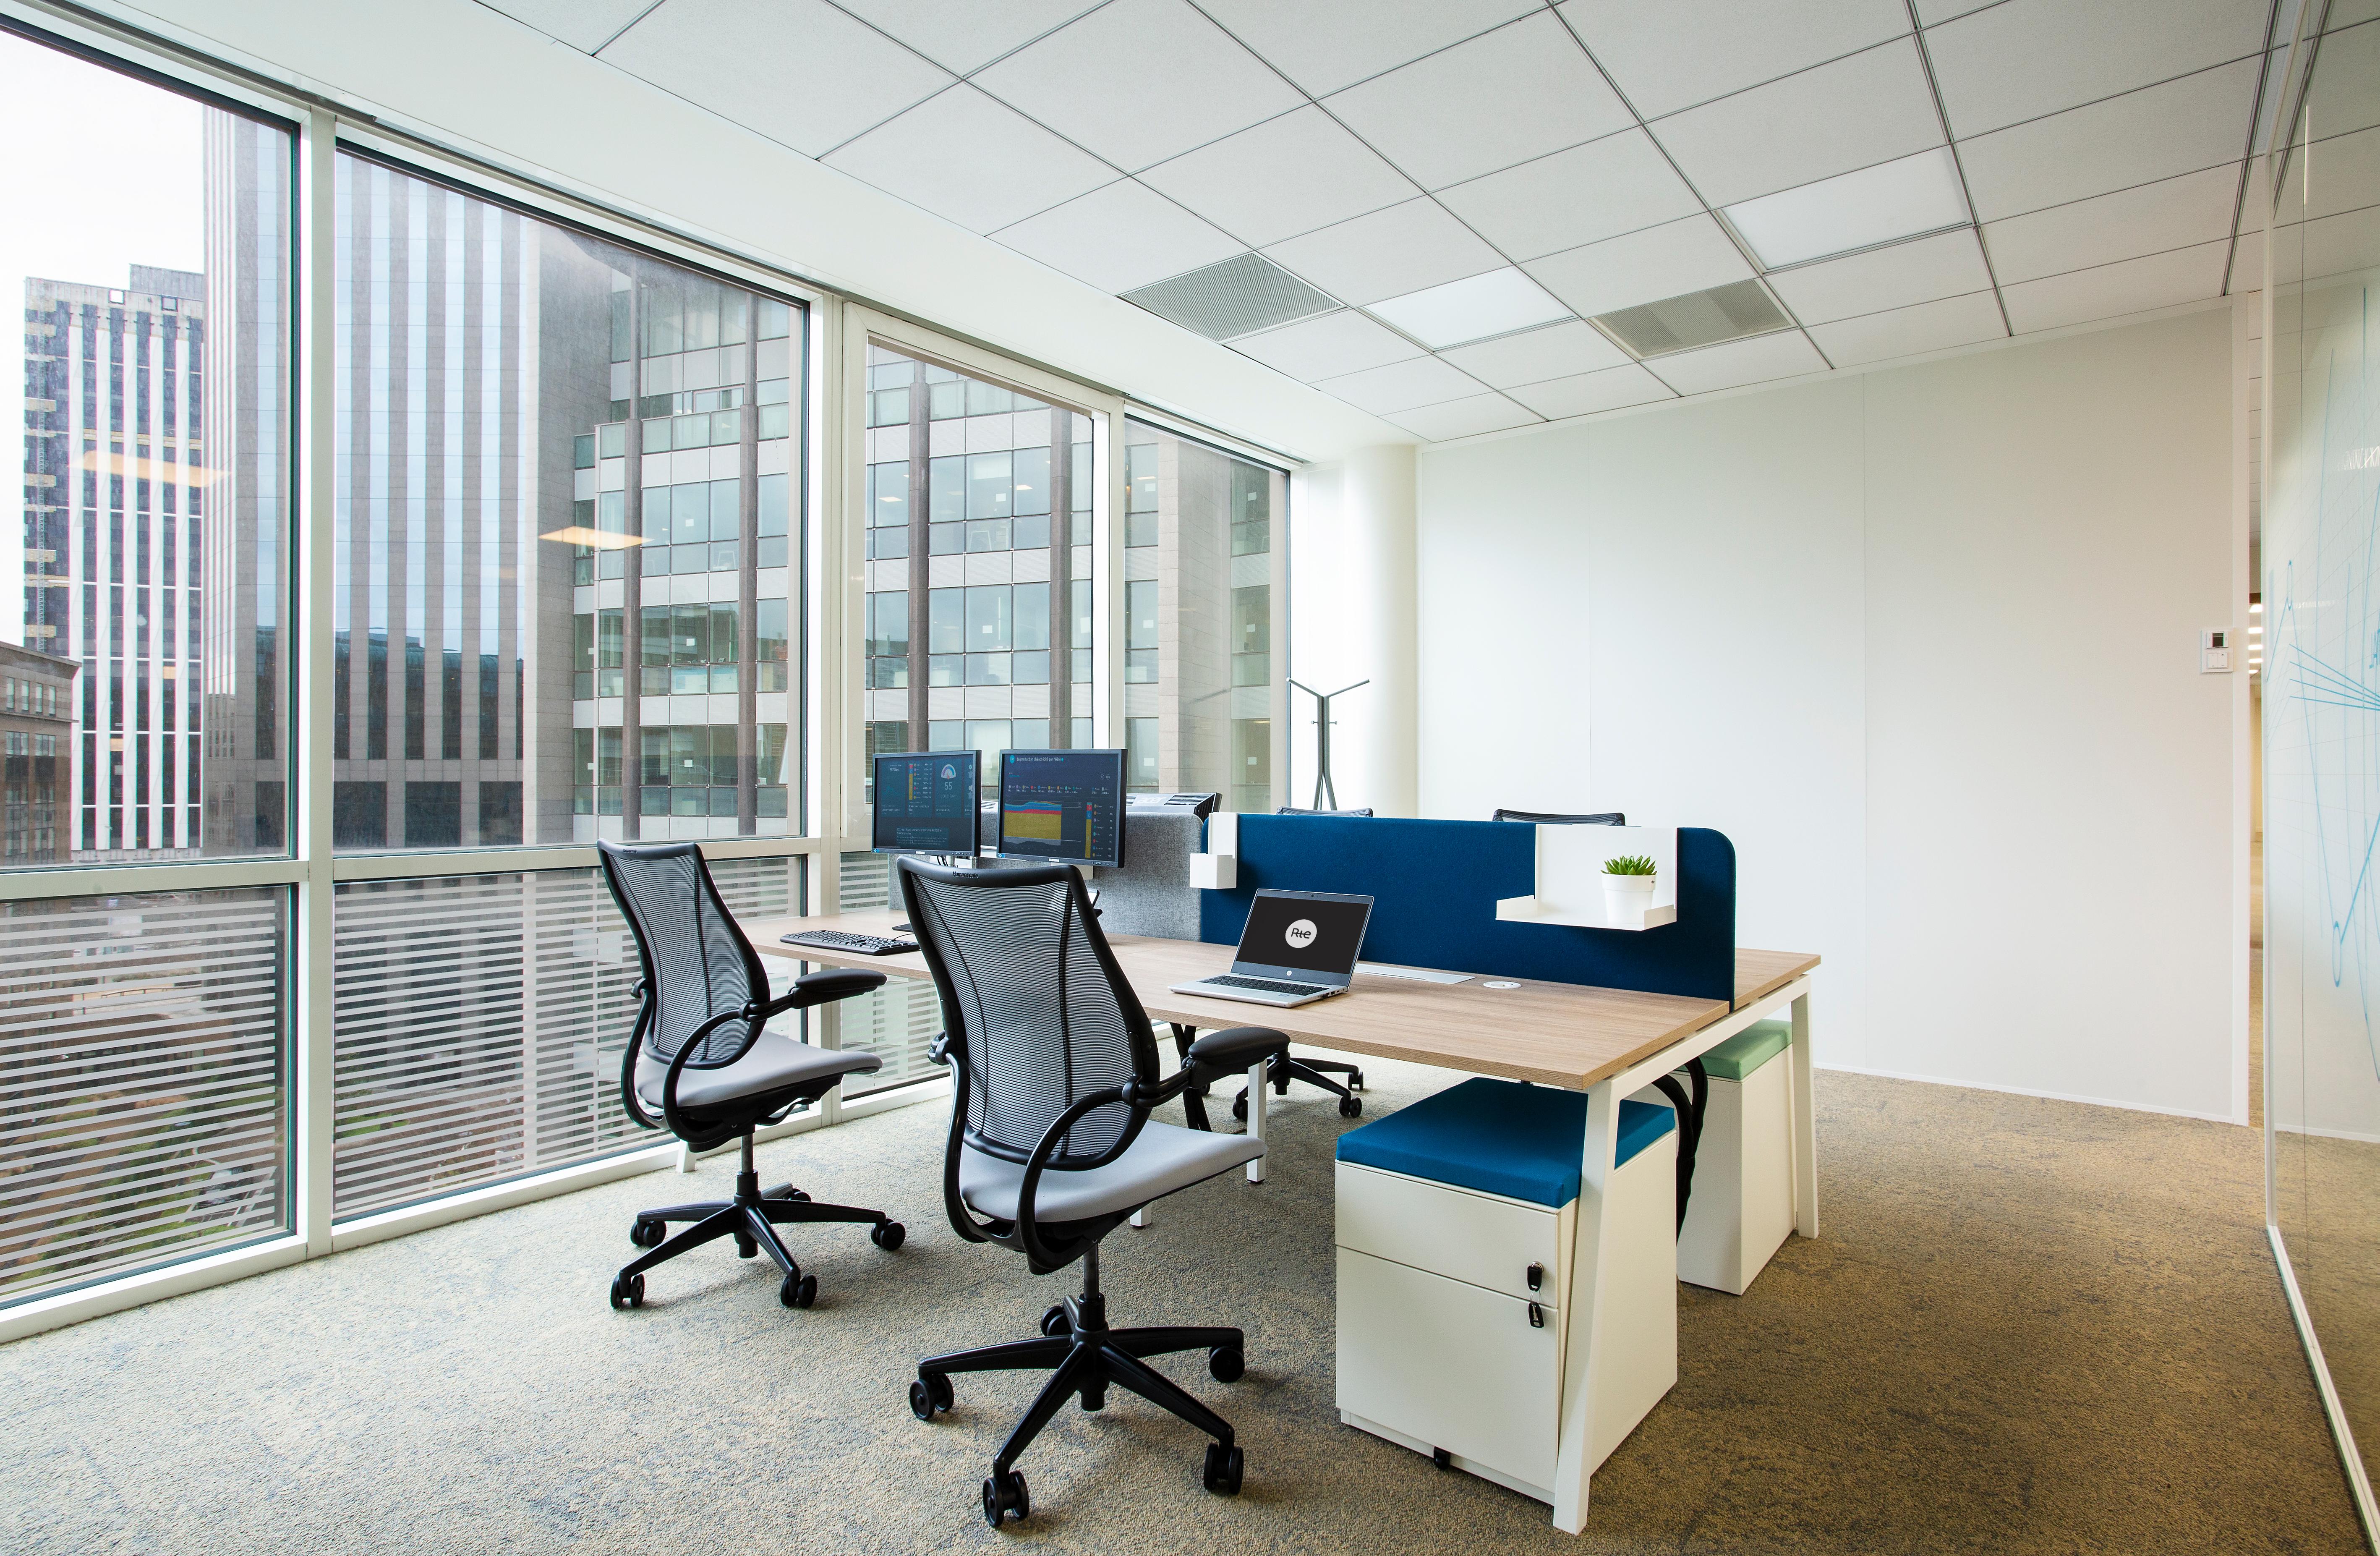 Aménagement de bureaux, espace de travail individuel - Réalisation RTE - Puteaux